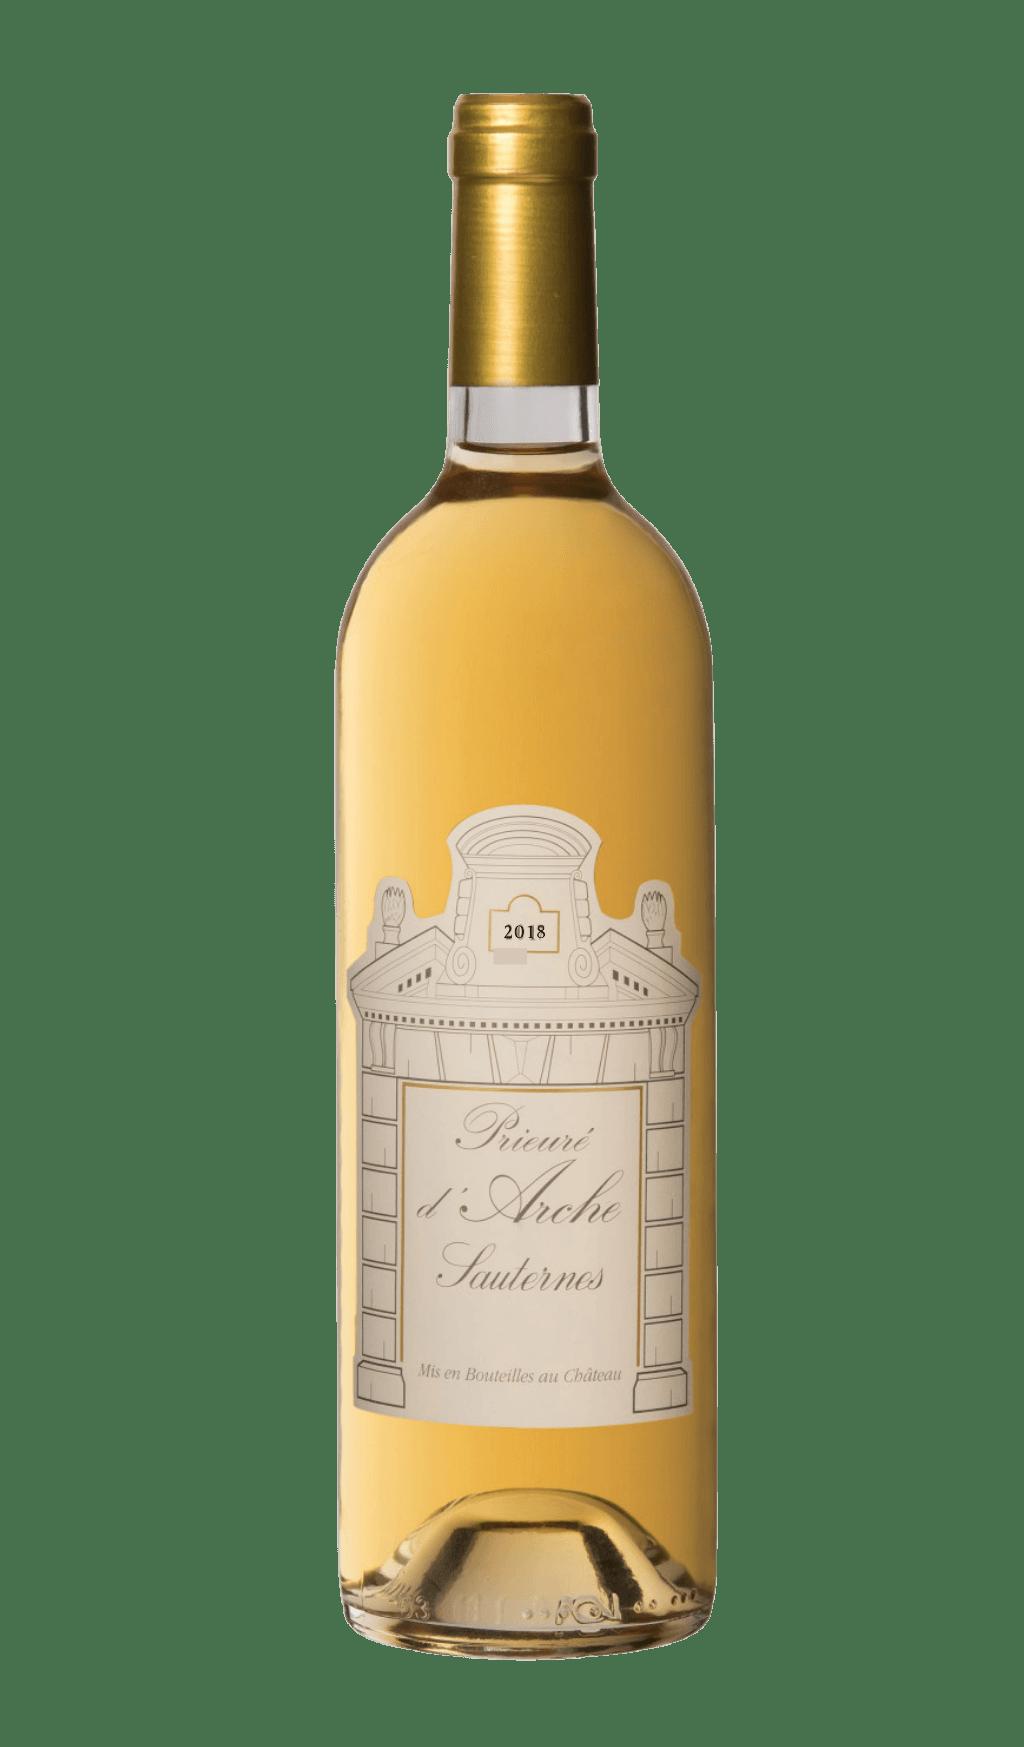 Bouteille de vin : Prieuré d'Arche 2018 du Château d'Arche, Grand Cru Classé 1855